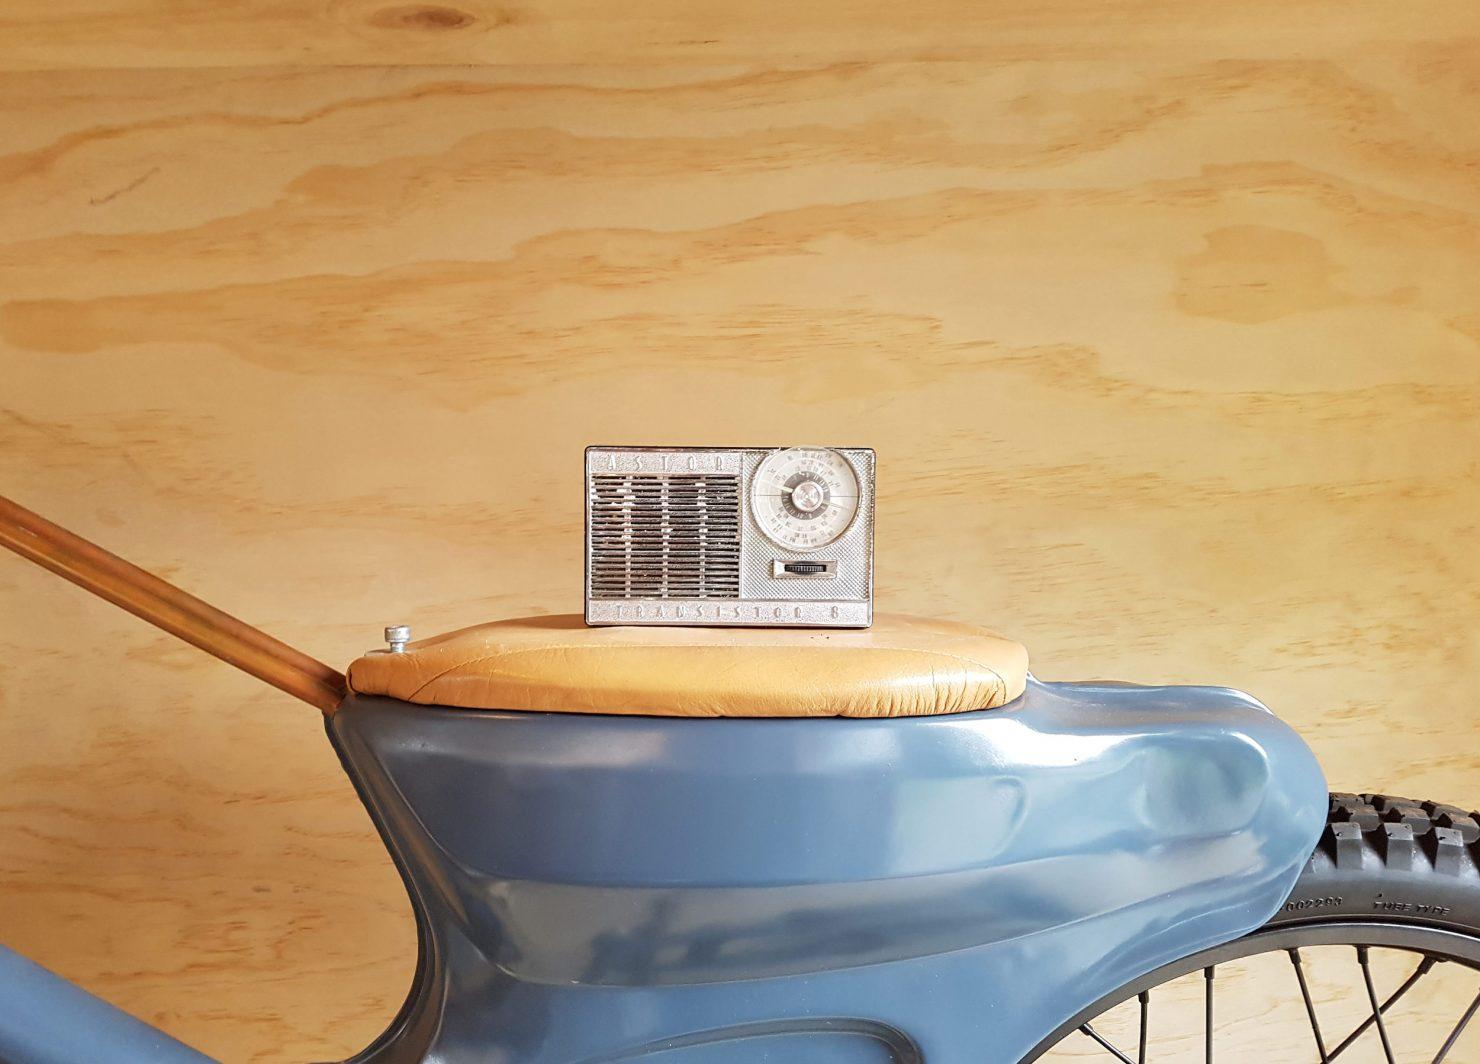 Boe Vintage Radio Bluetooth Speakers 1 1480x1064 - Boe Vintage Radio Bluetooth Speakers